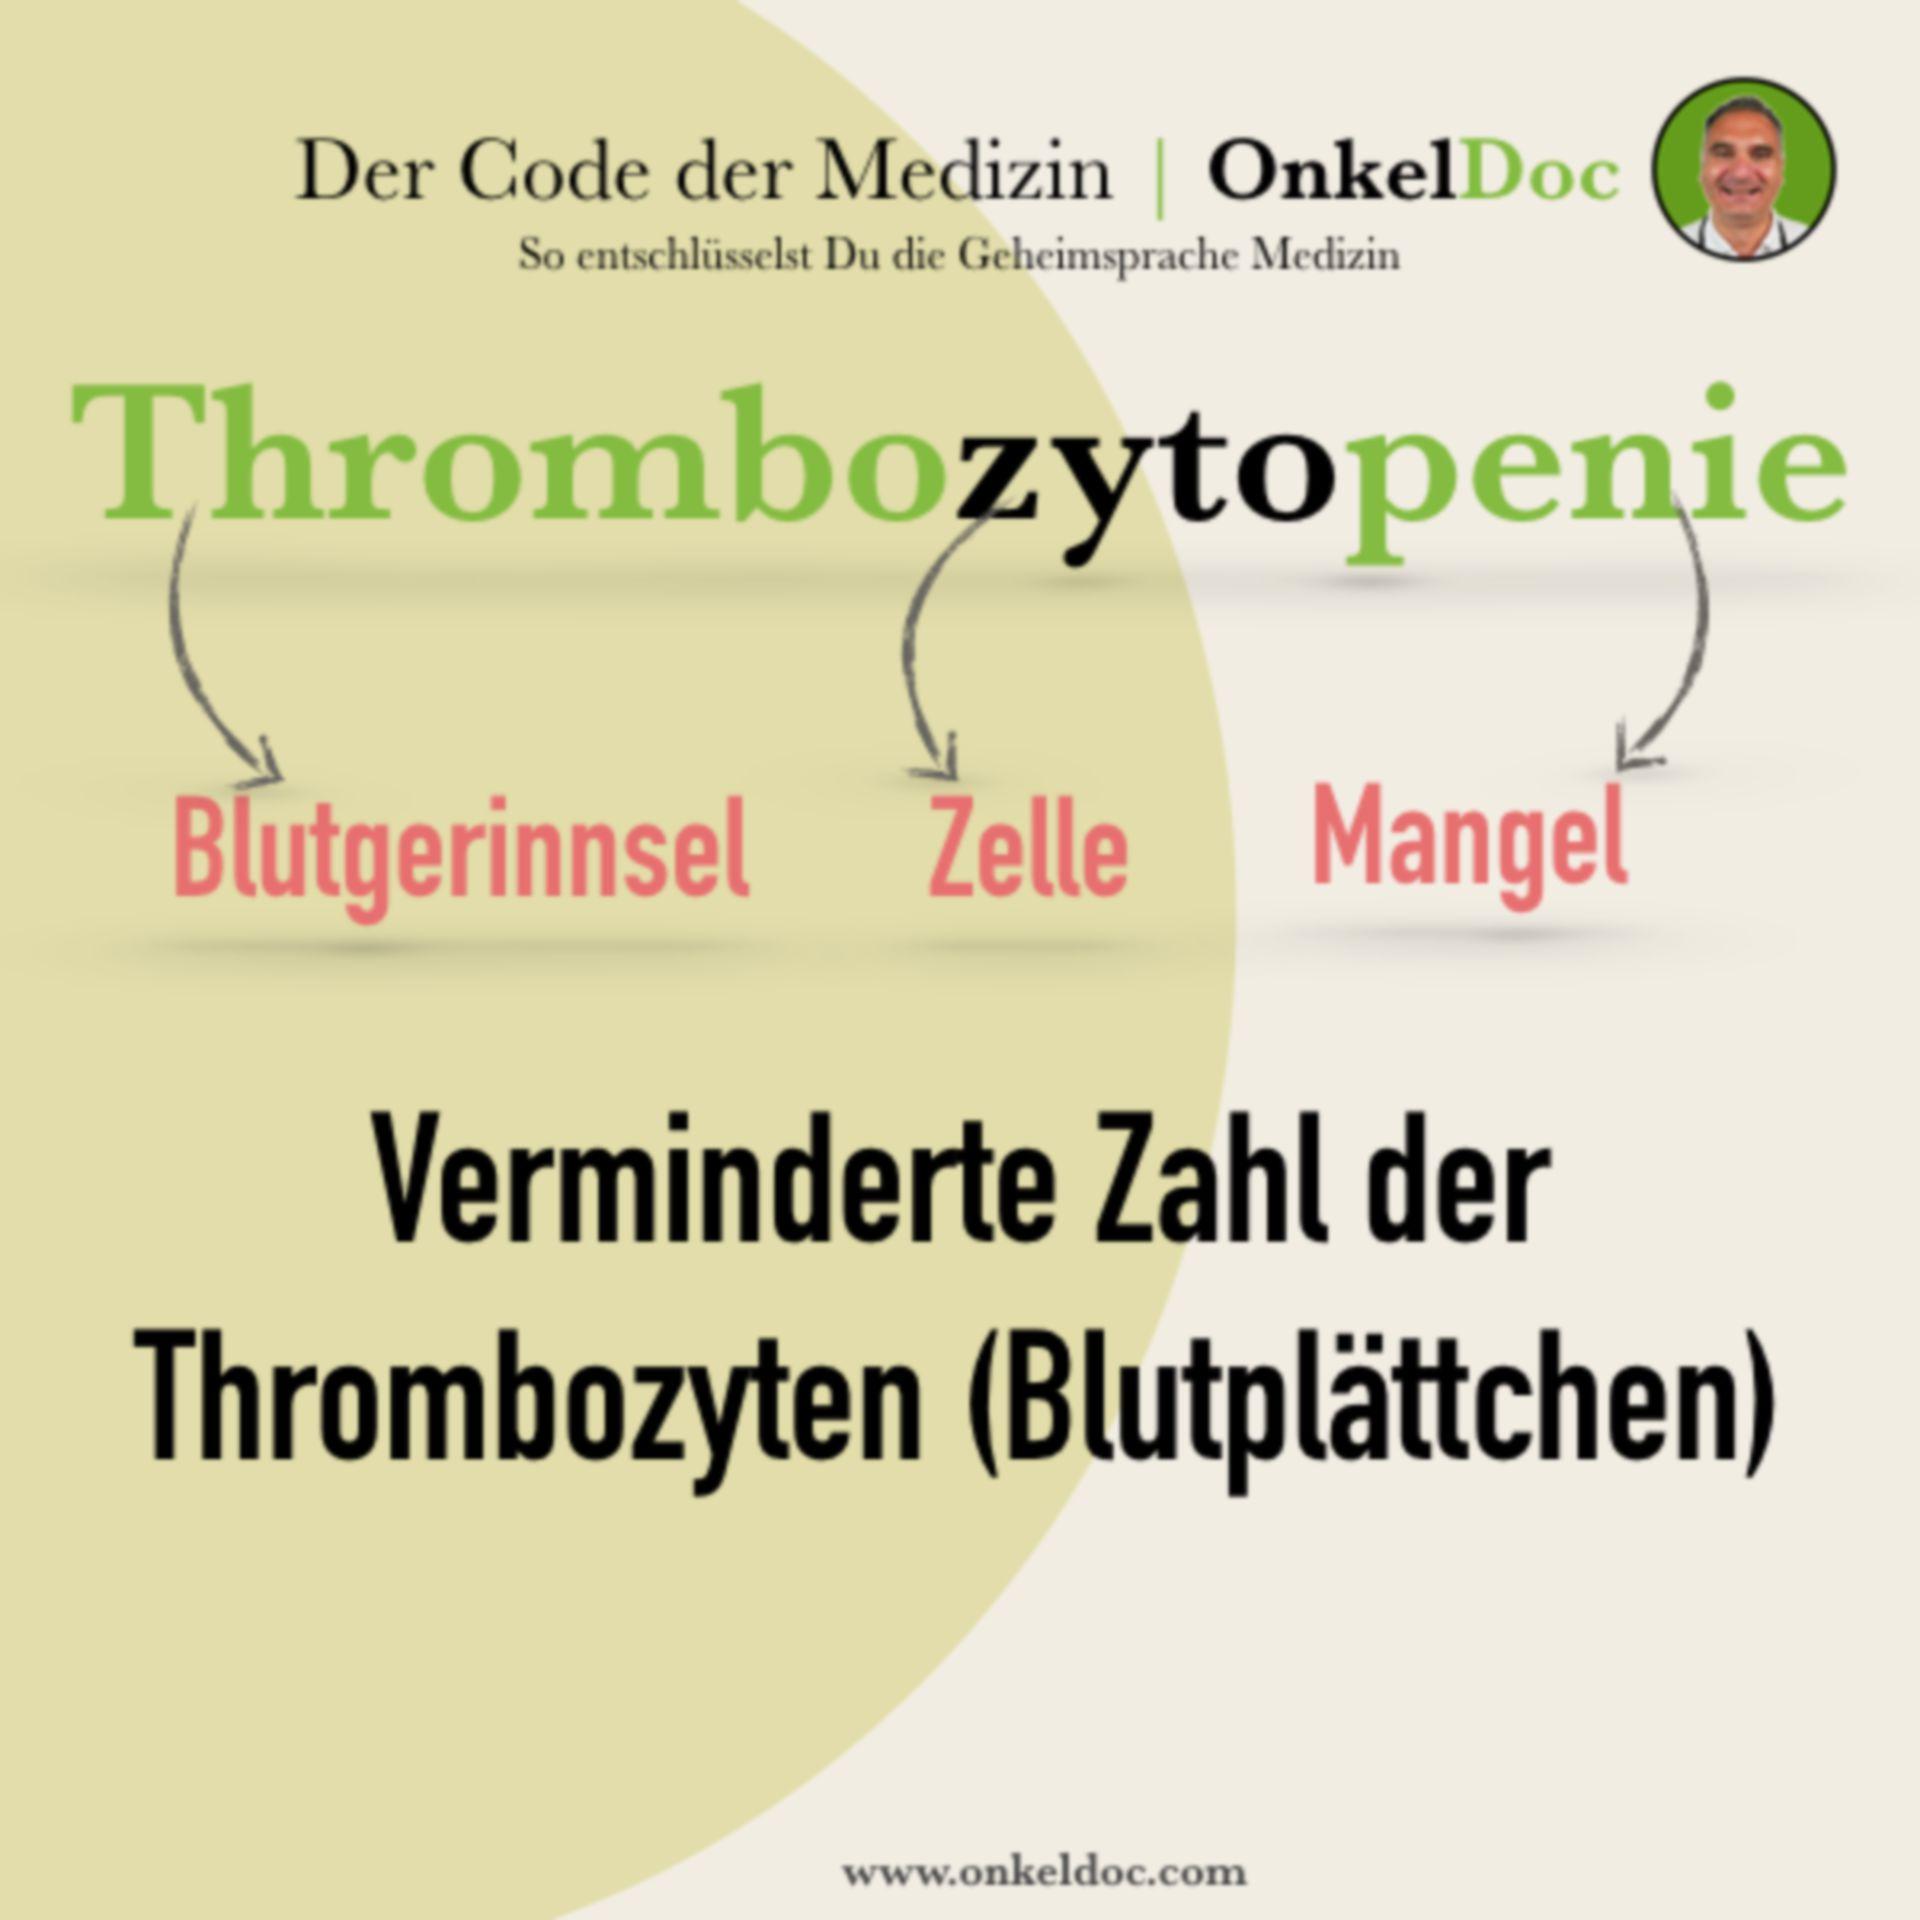 Der Code der Thrombozytopenie